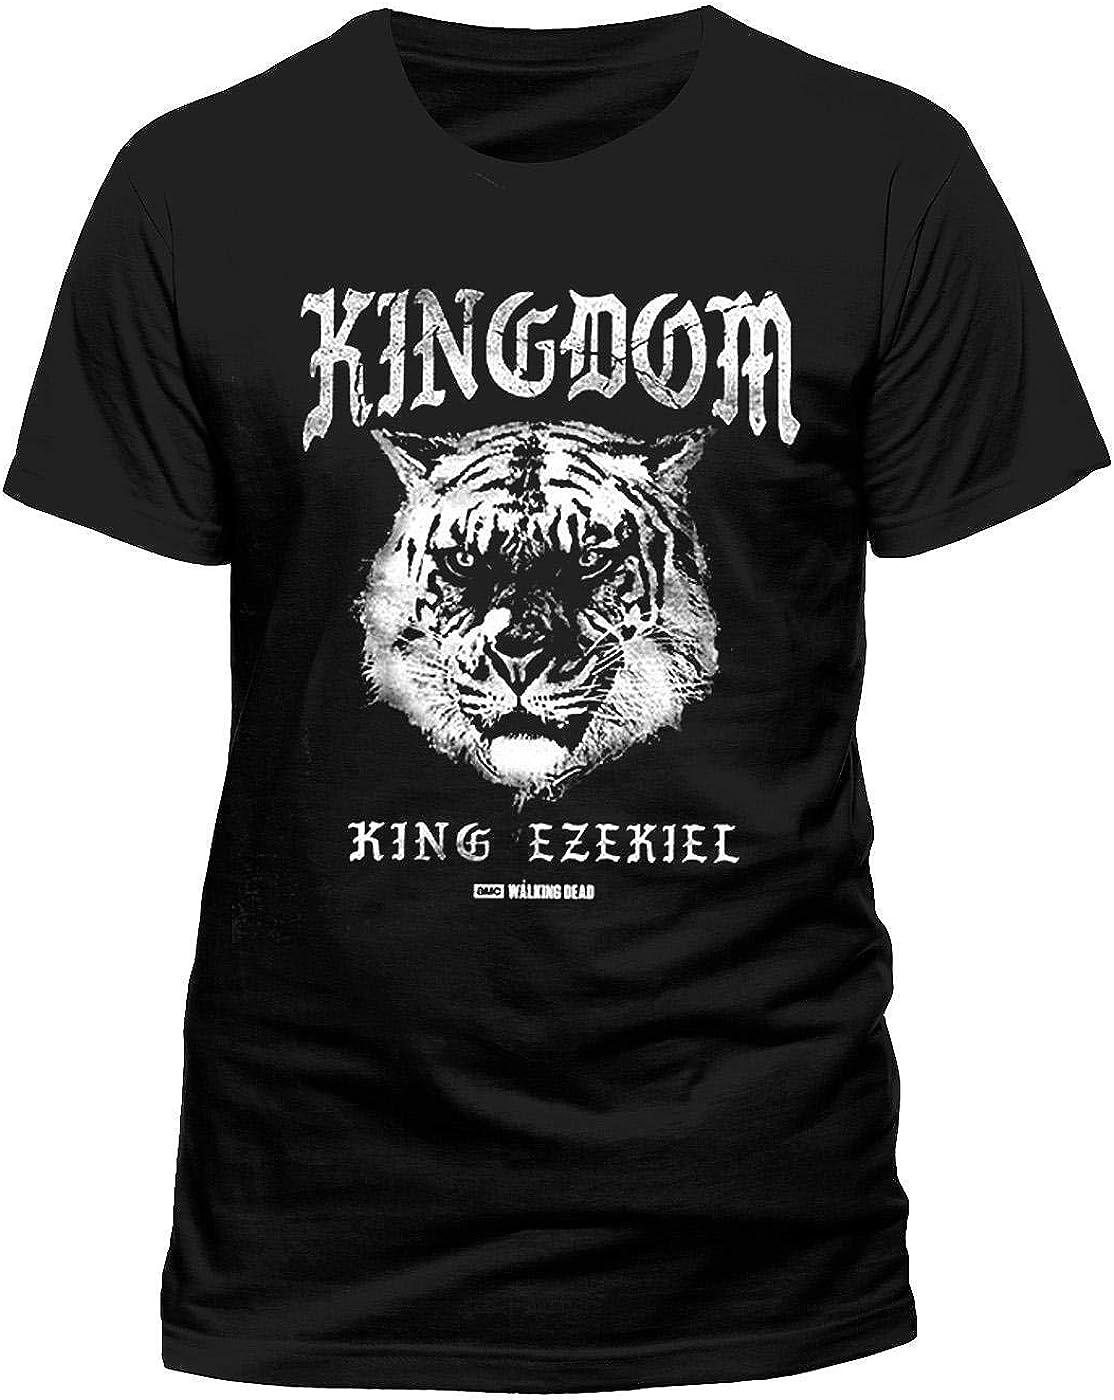 The Walking Dead - King Ezekiel Kingdom (Shiva) - Oficial Camiseta para Hombre - Negro, L: Amazon.es: Ropa y accesorios